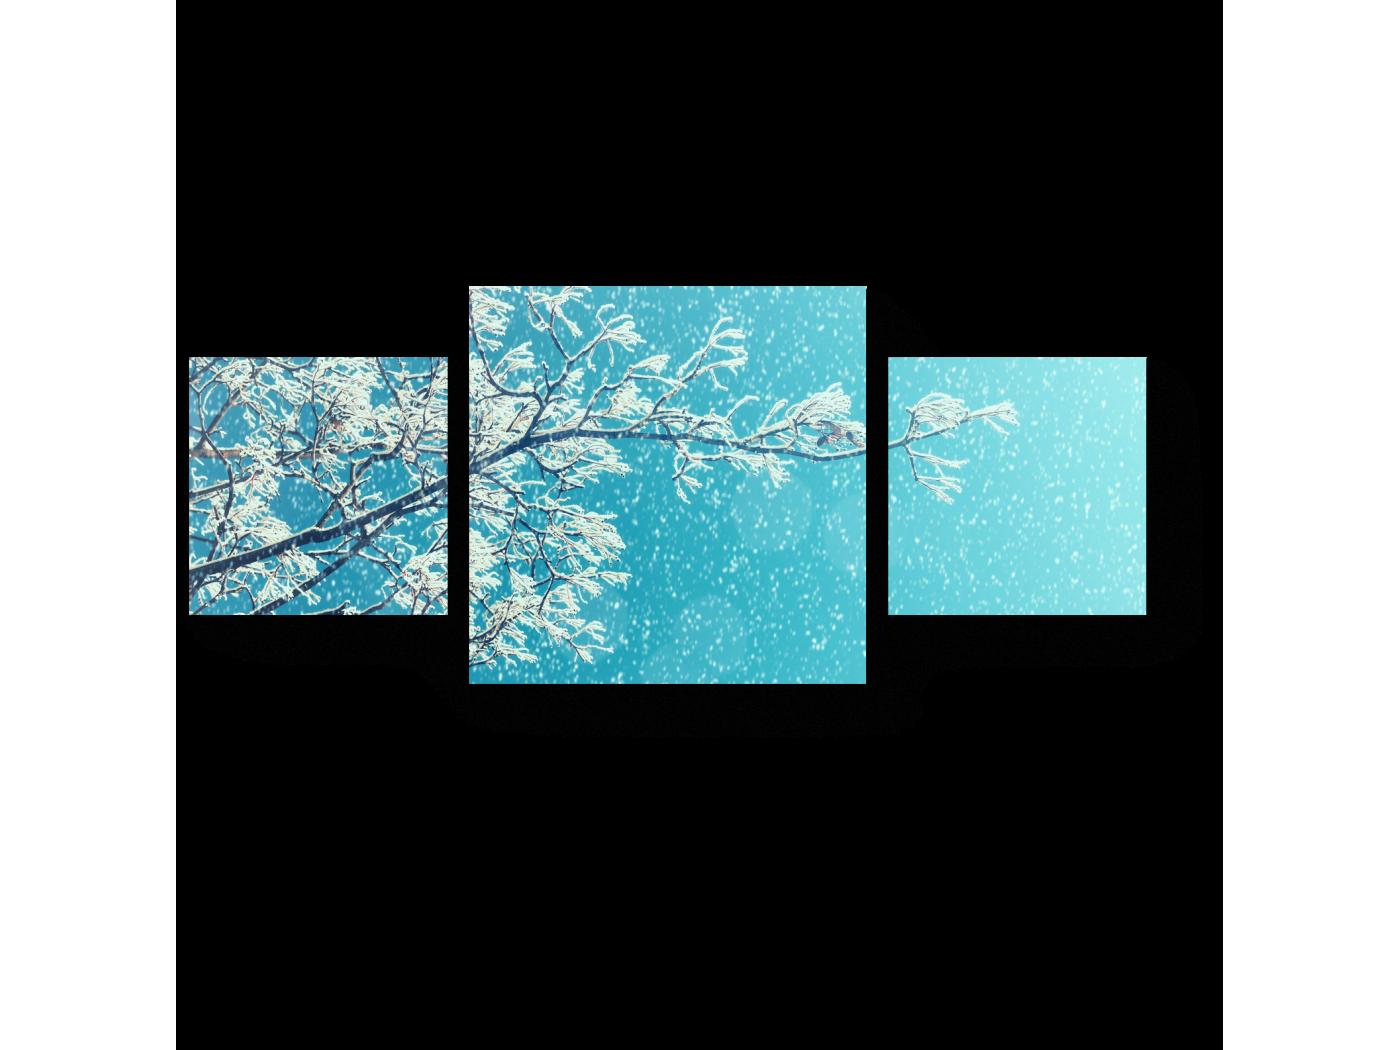 Модульная картина Очарование зимы (70x30) фото